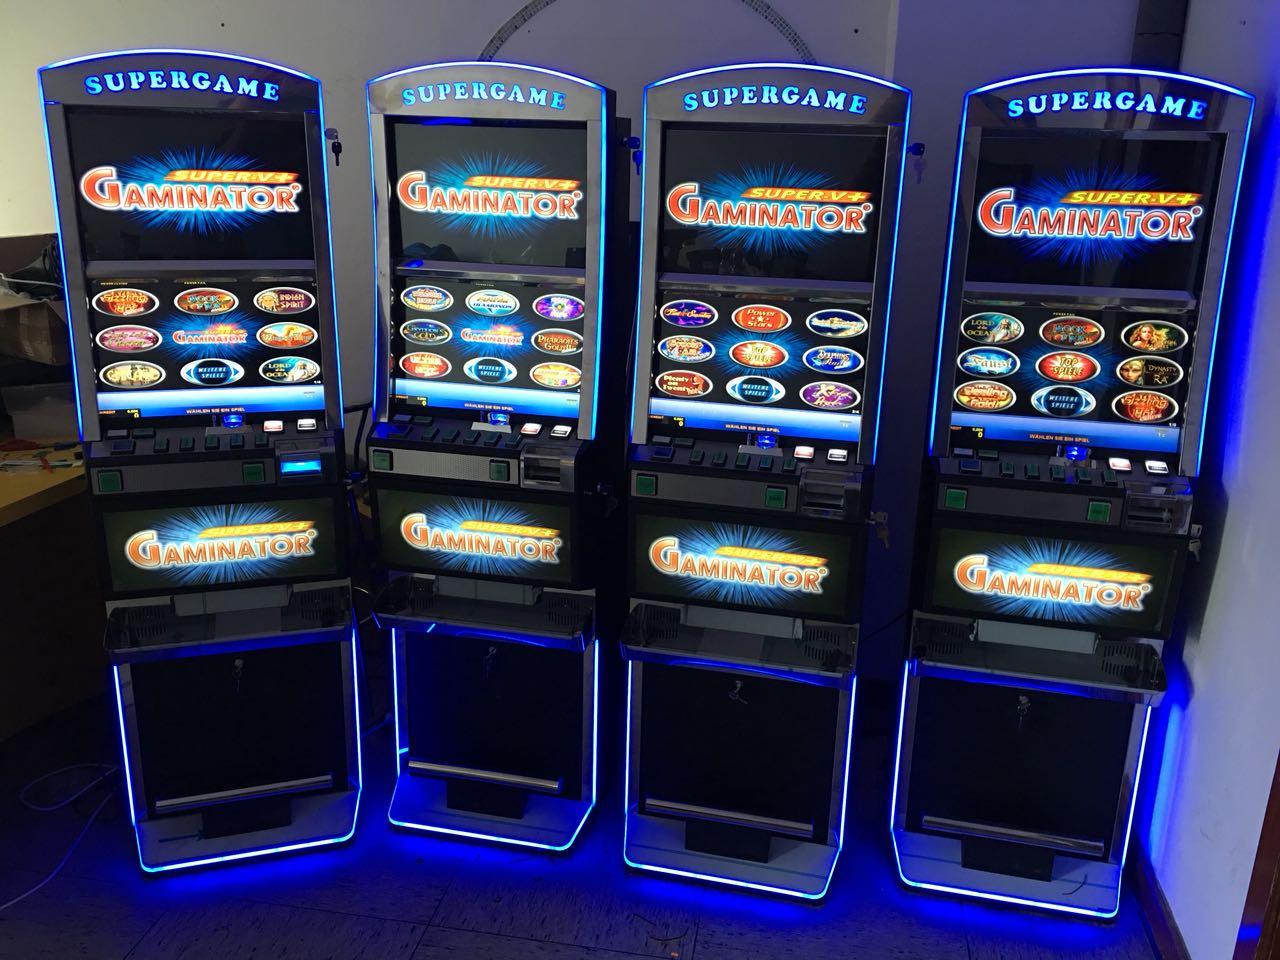 обмануть игровые автоматы гаминаторы